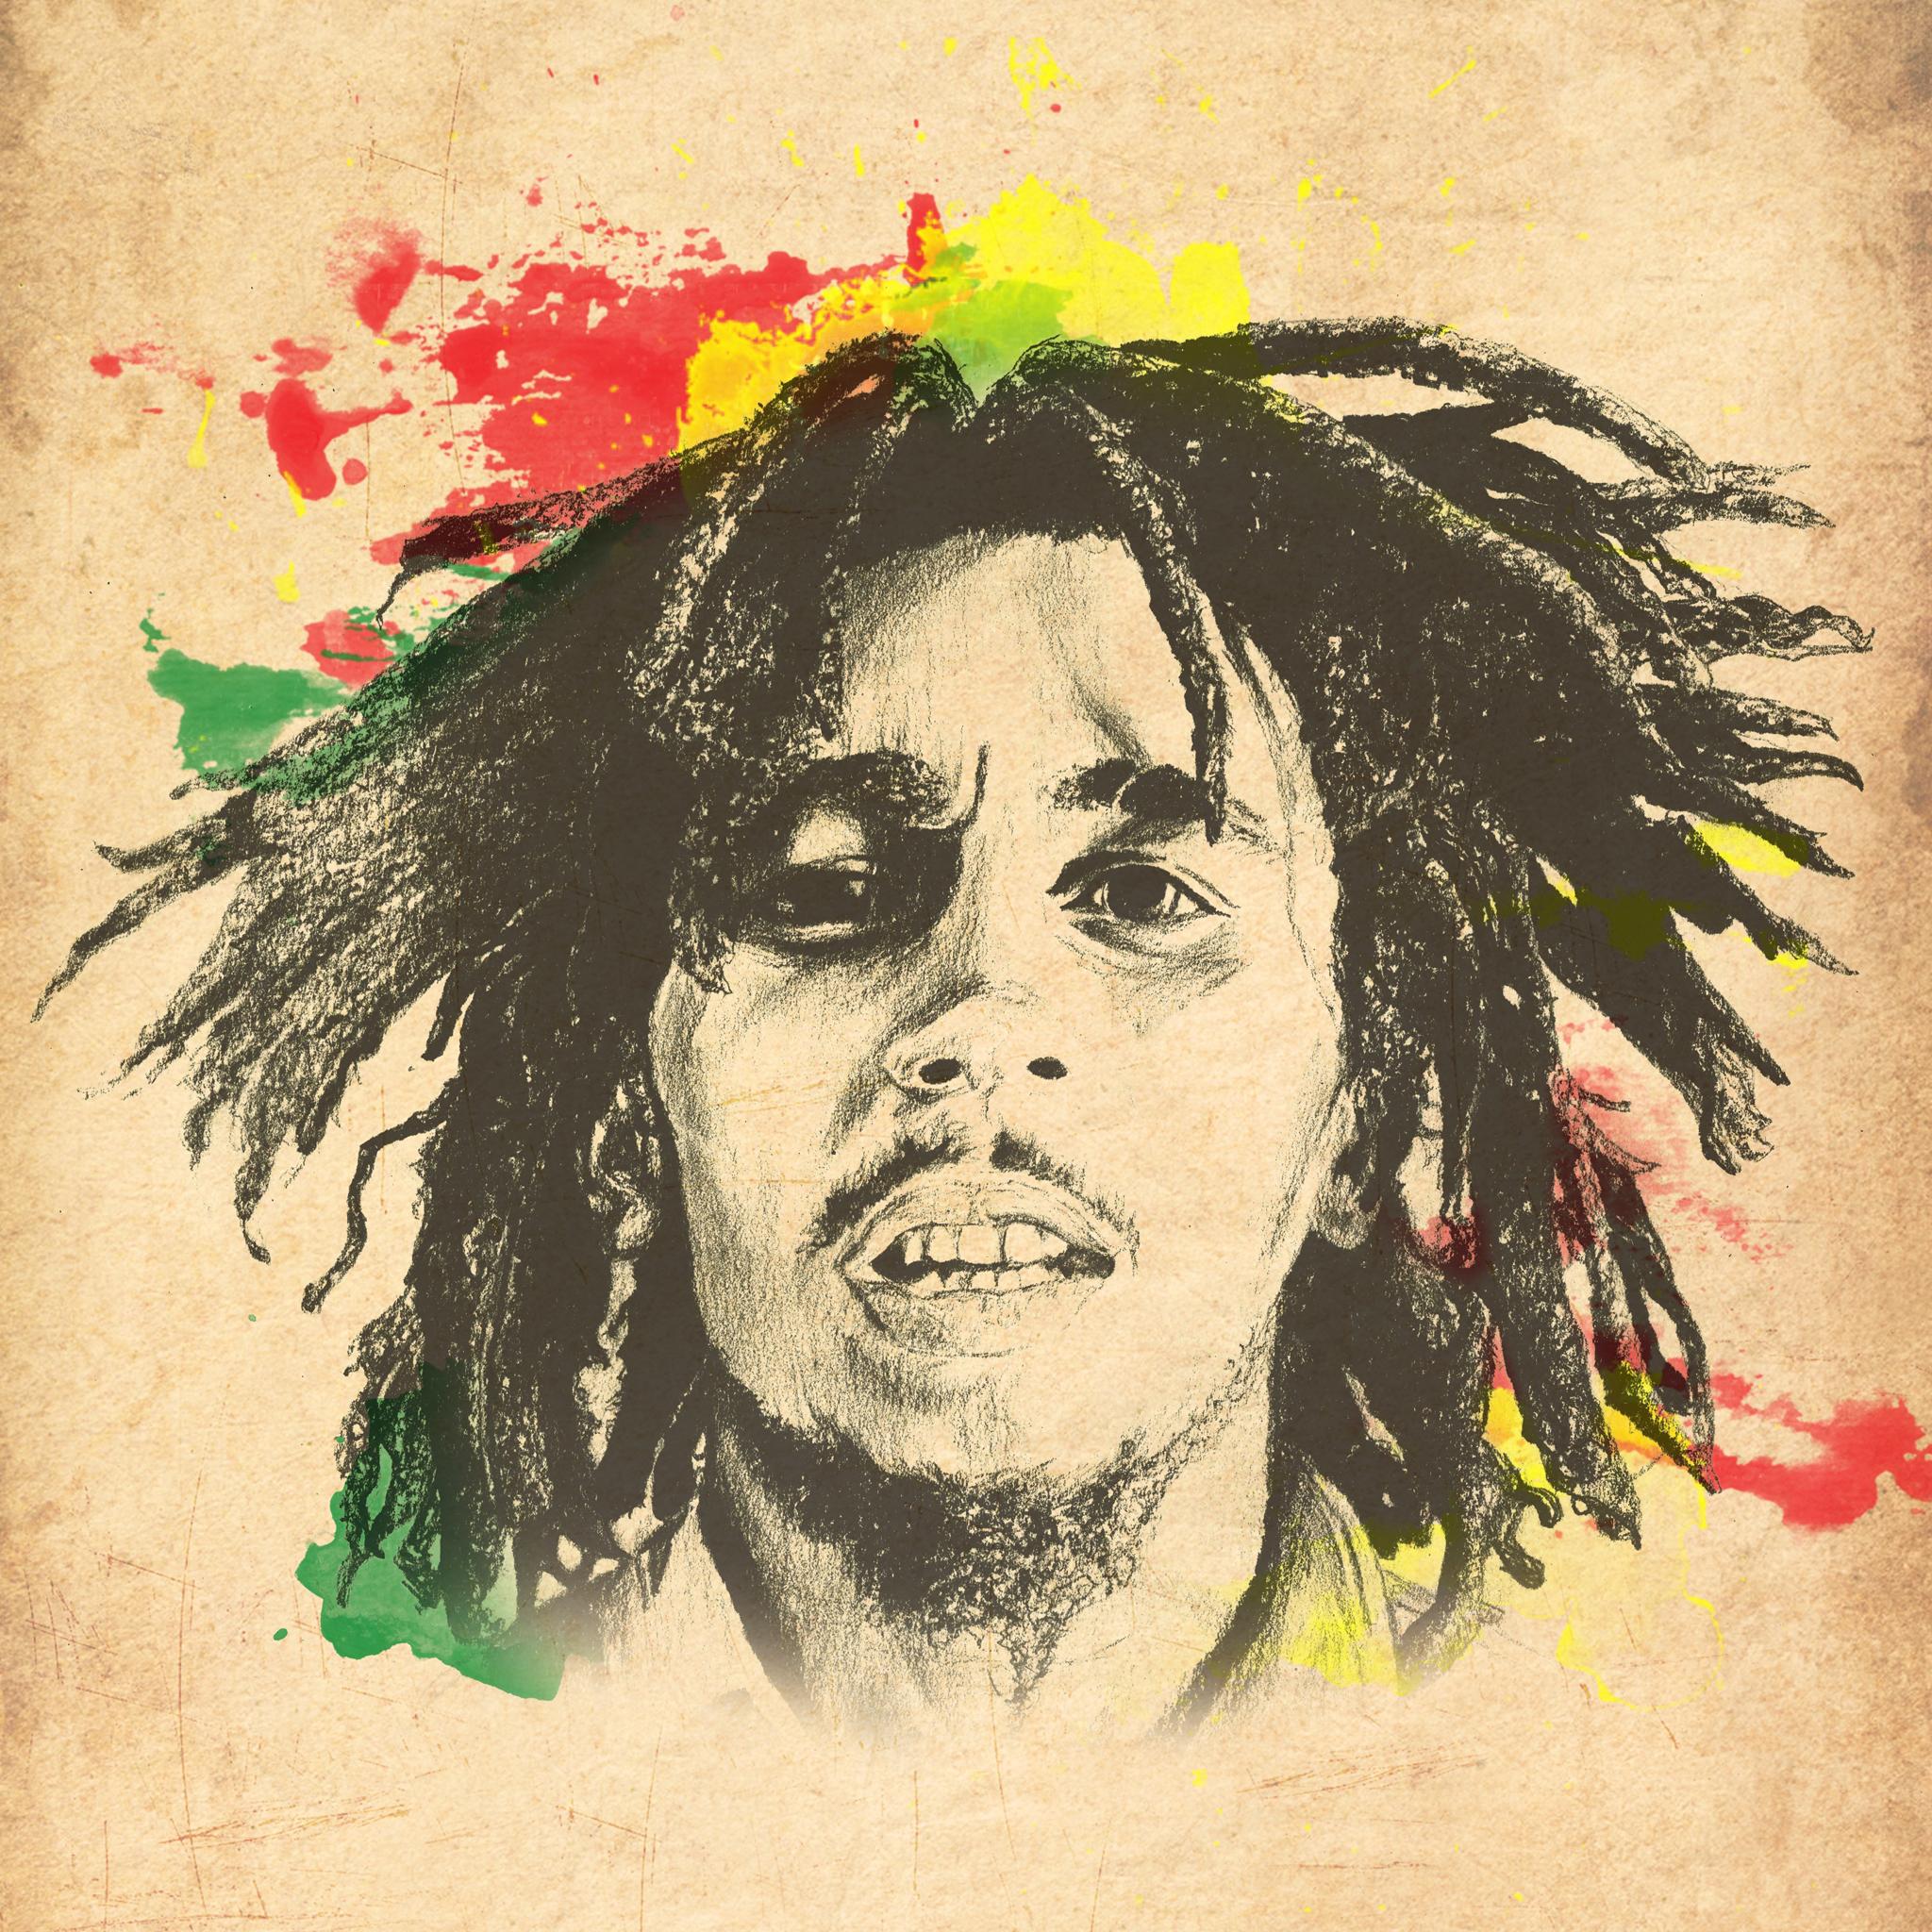 Bob-Marley-3Wallpapers-iPad-Retina